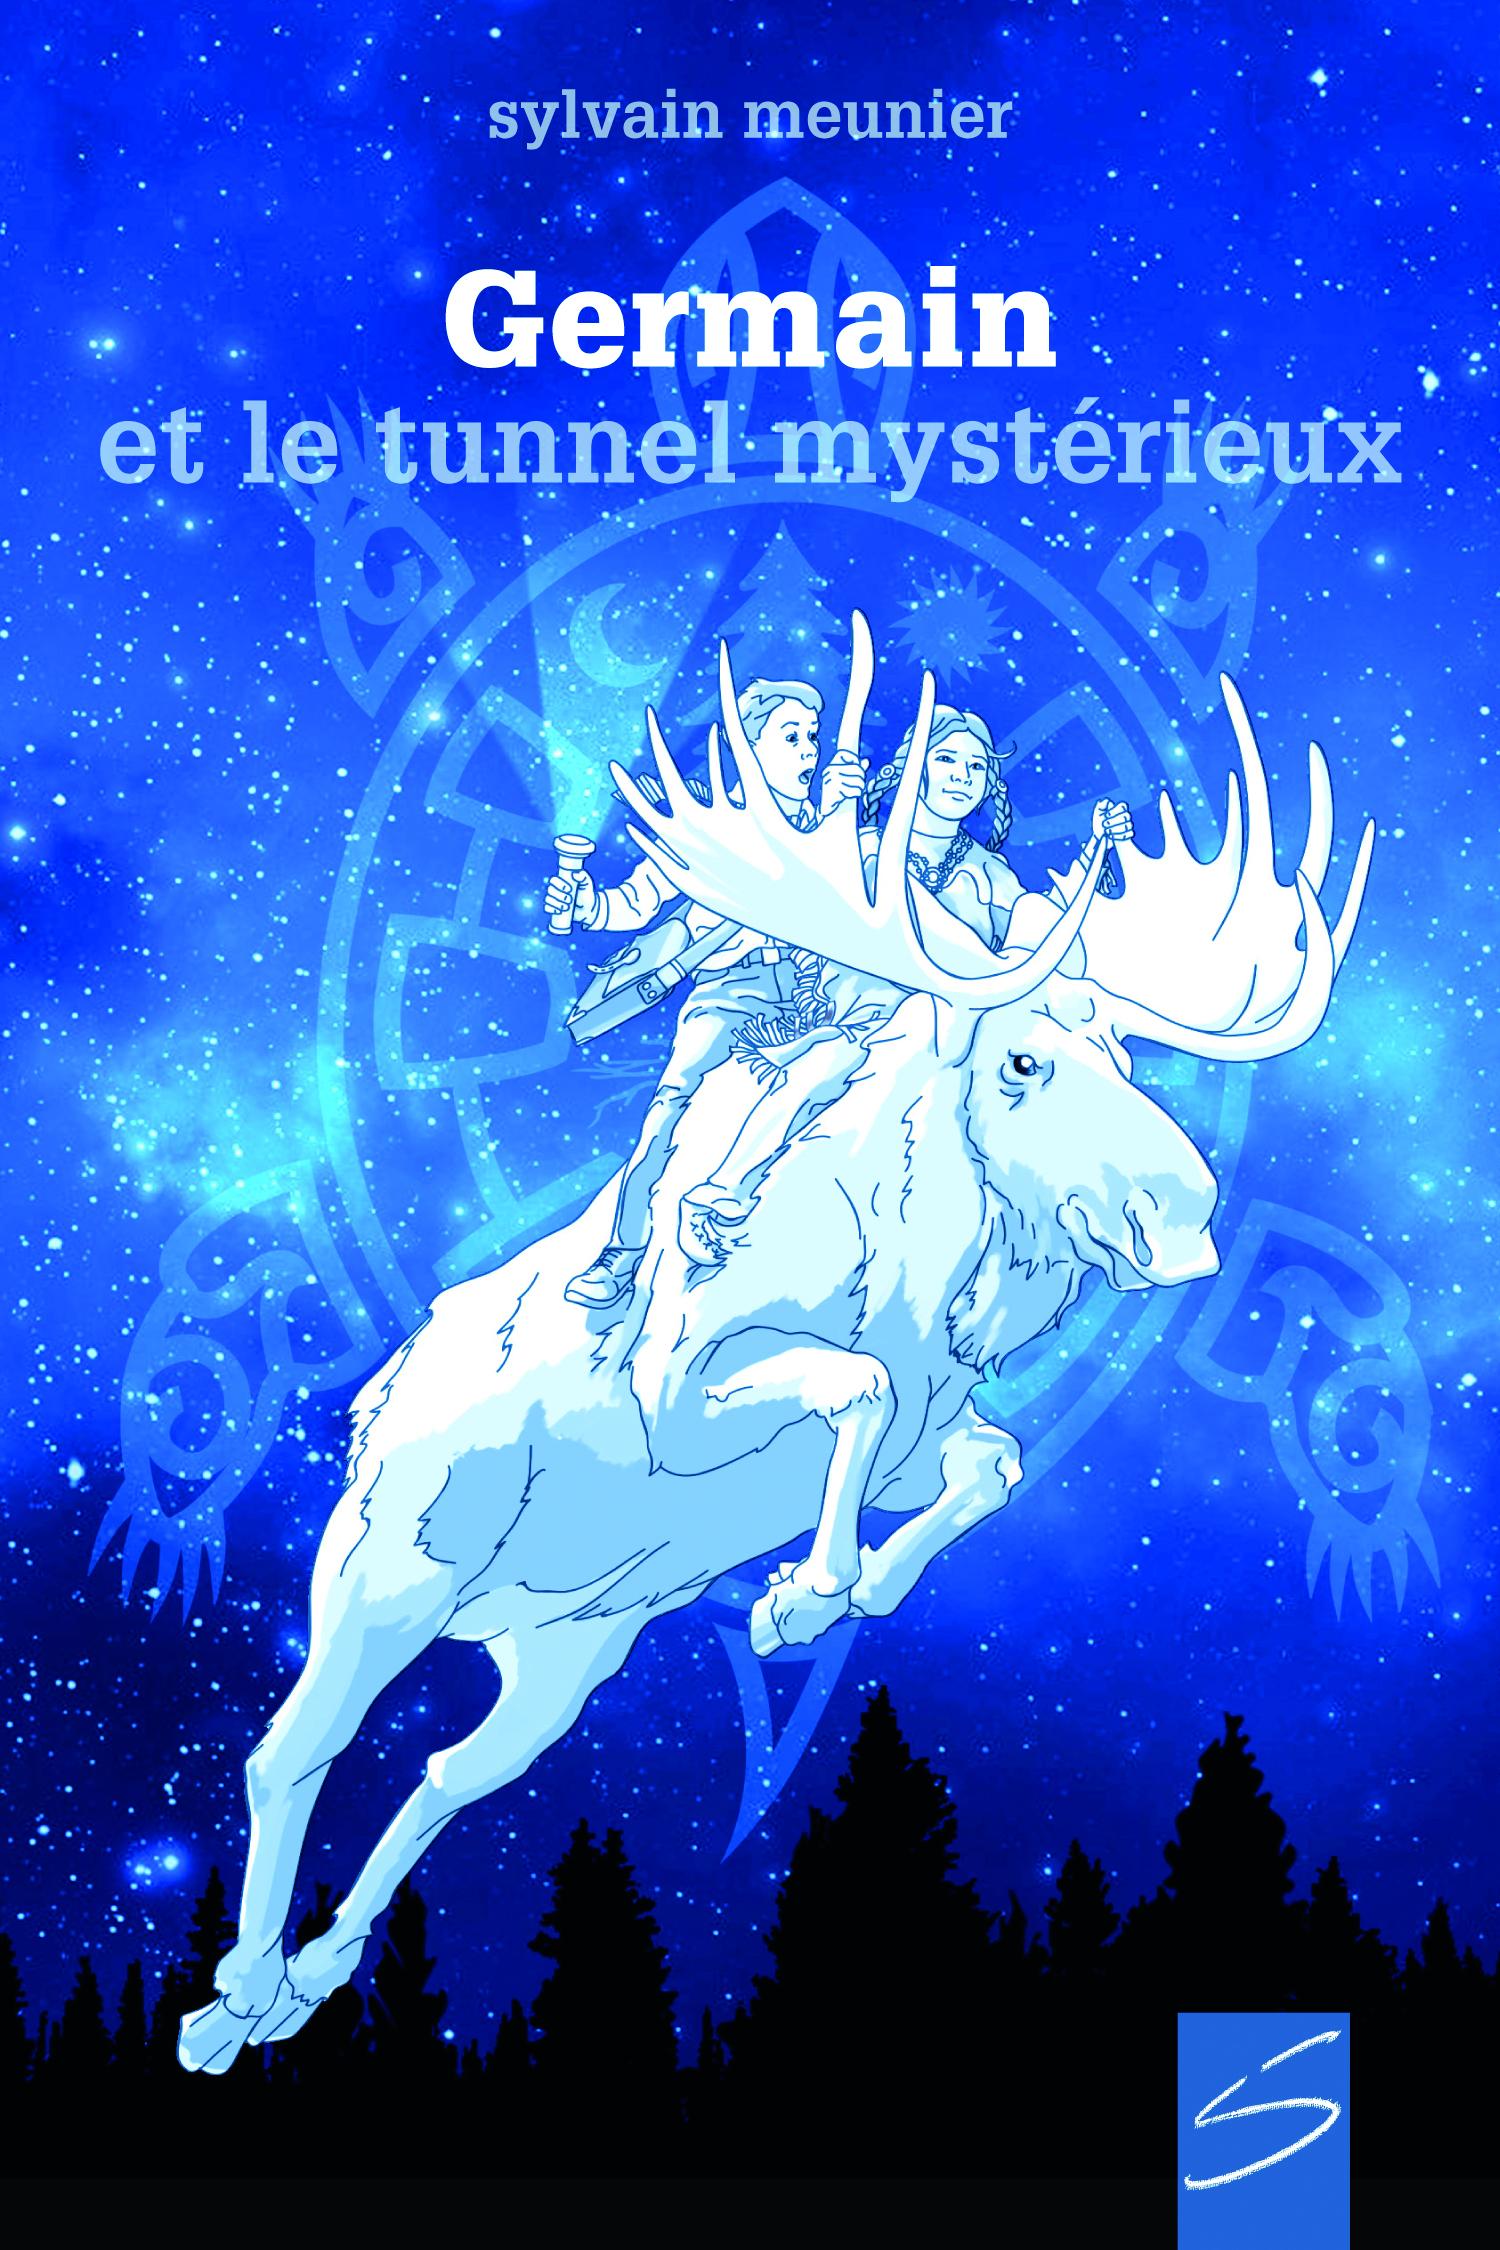 Germain et le tunnel mystérieux